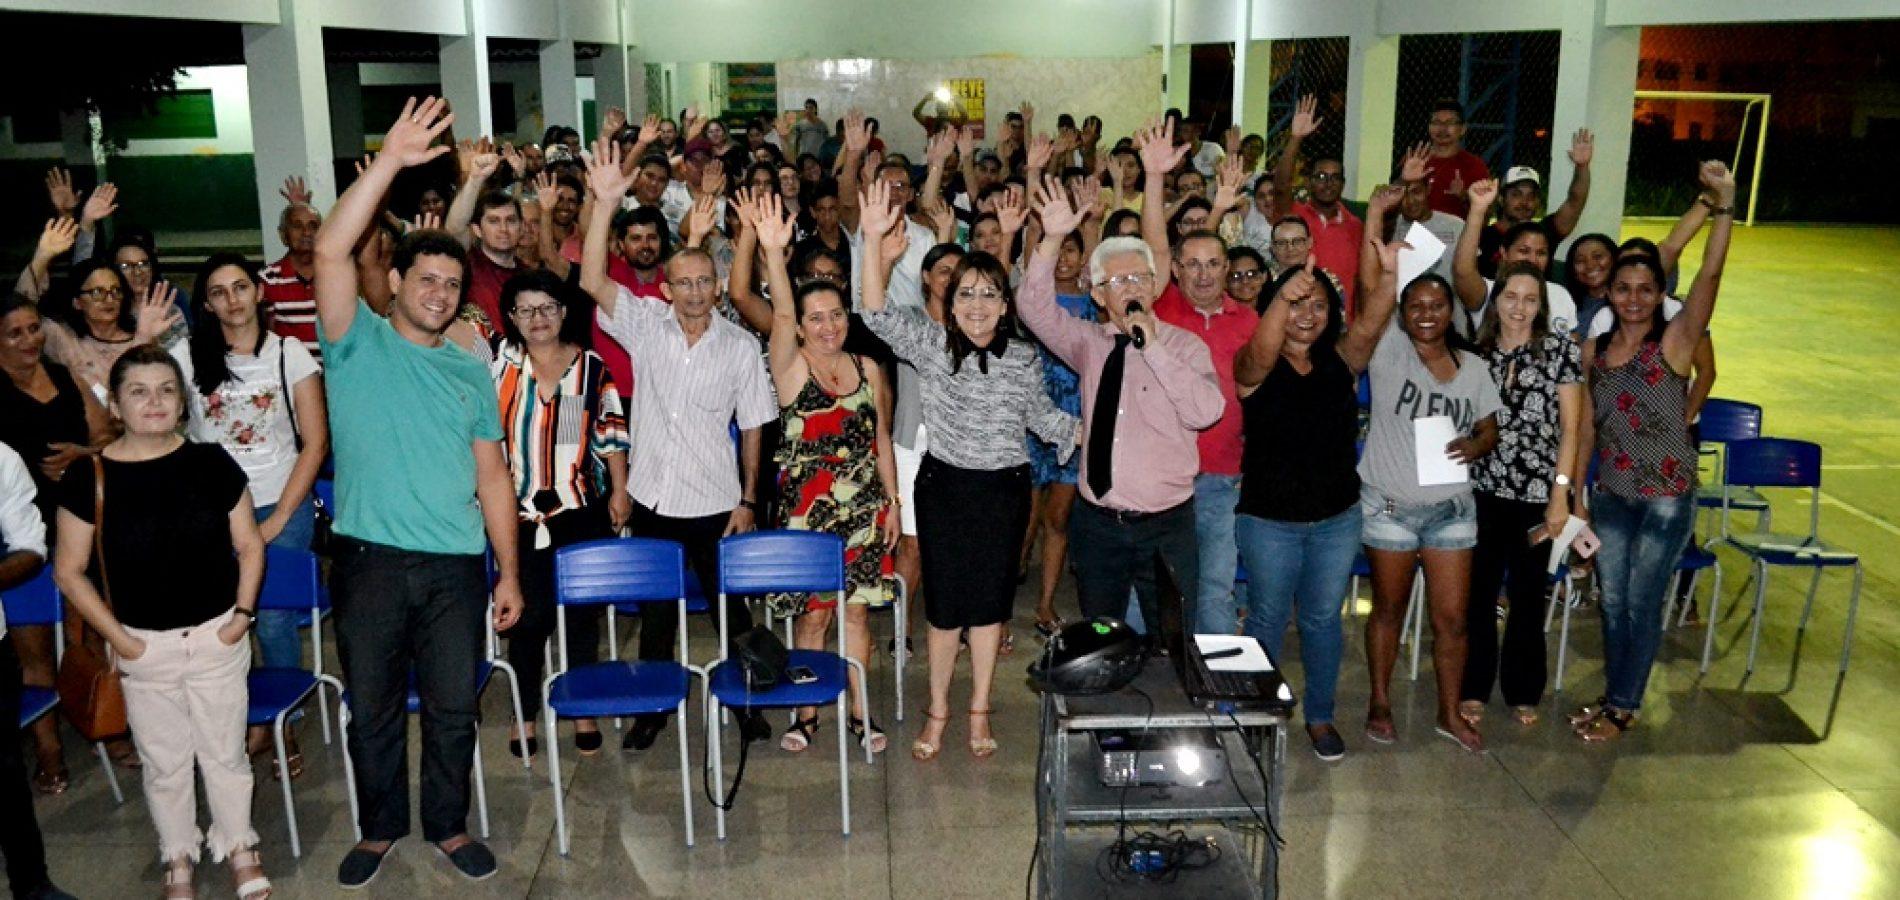 Em Pio IX, Mury Campos ministra palestra motivacional e marca abertura da Semana do MEI 2019; fotos